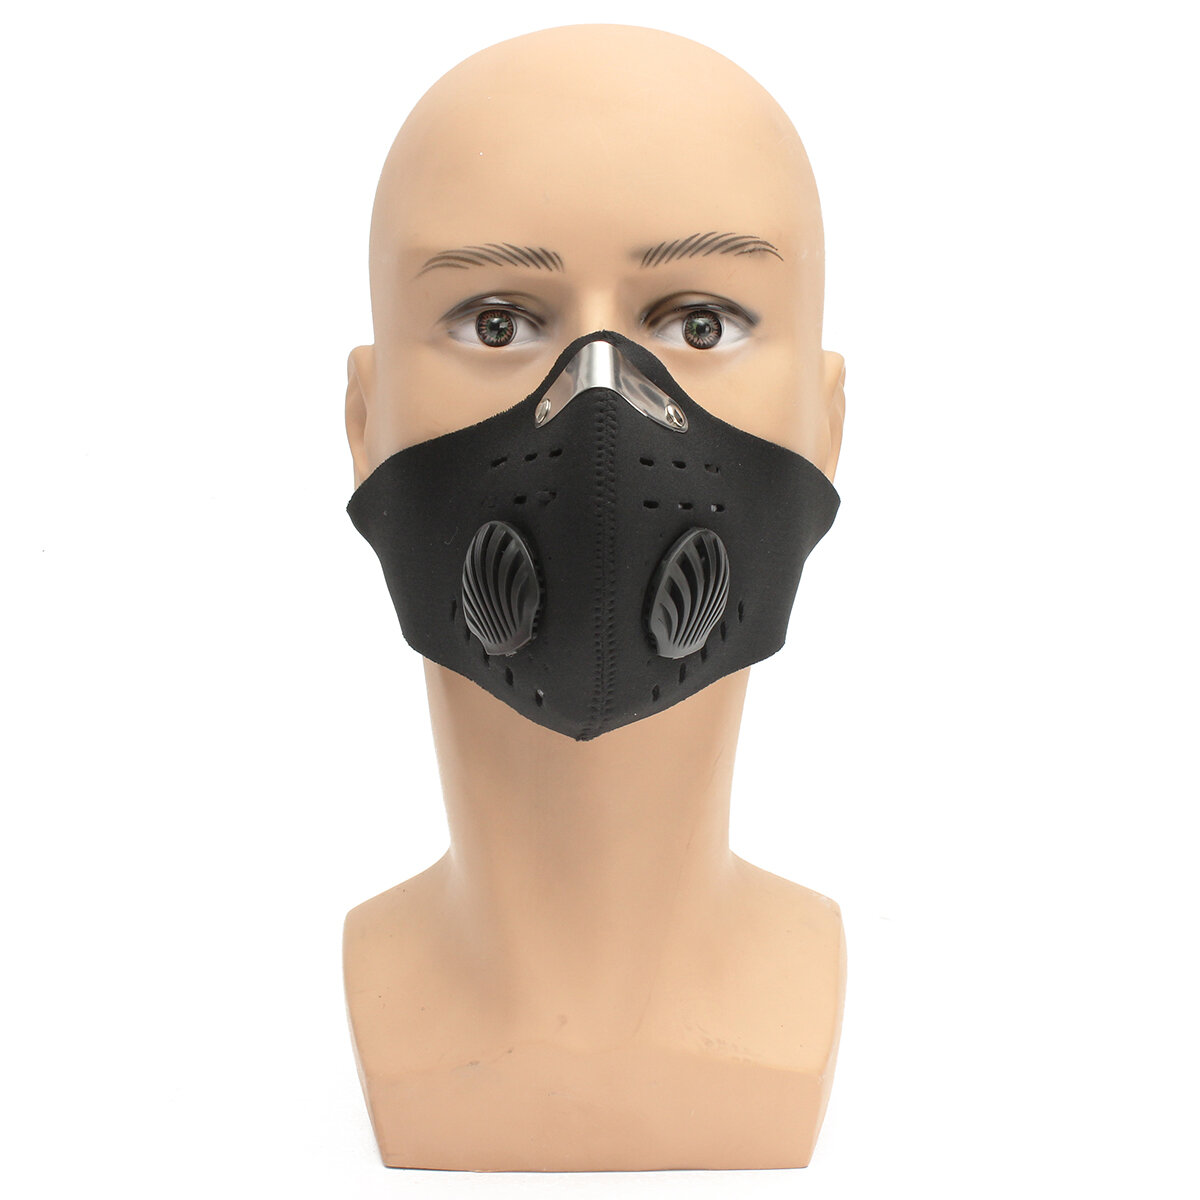 Corrida de Motocicleta PM2.5 Respirador de filtro de proteção de gás Poeira  Cara Máscara ccf7f22e3a